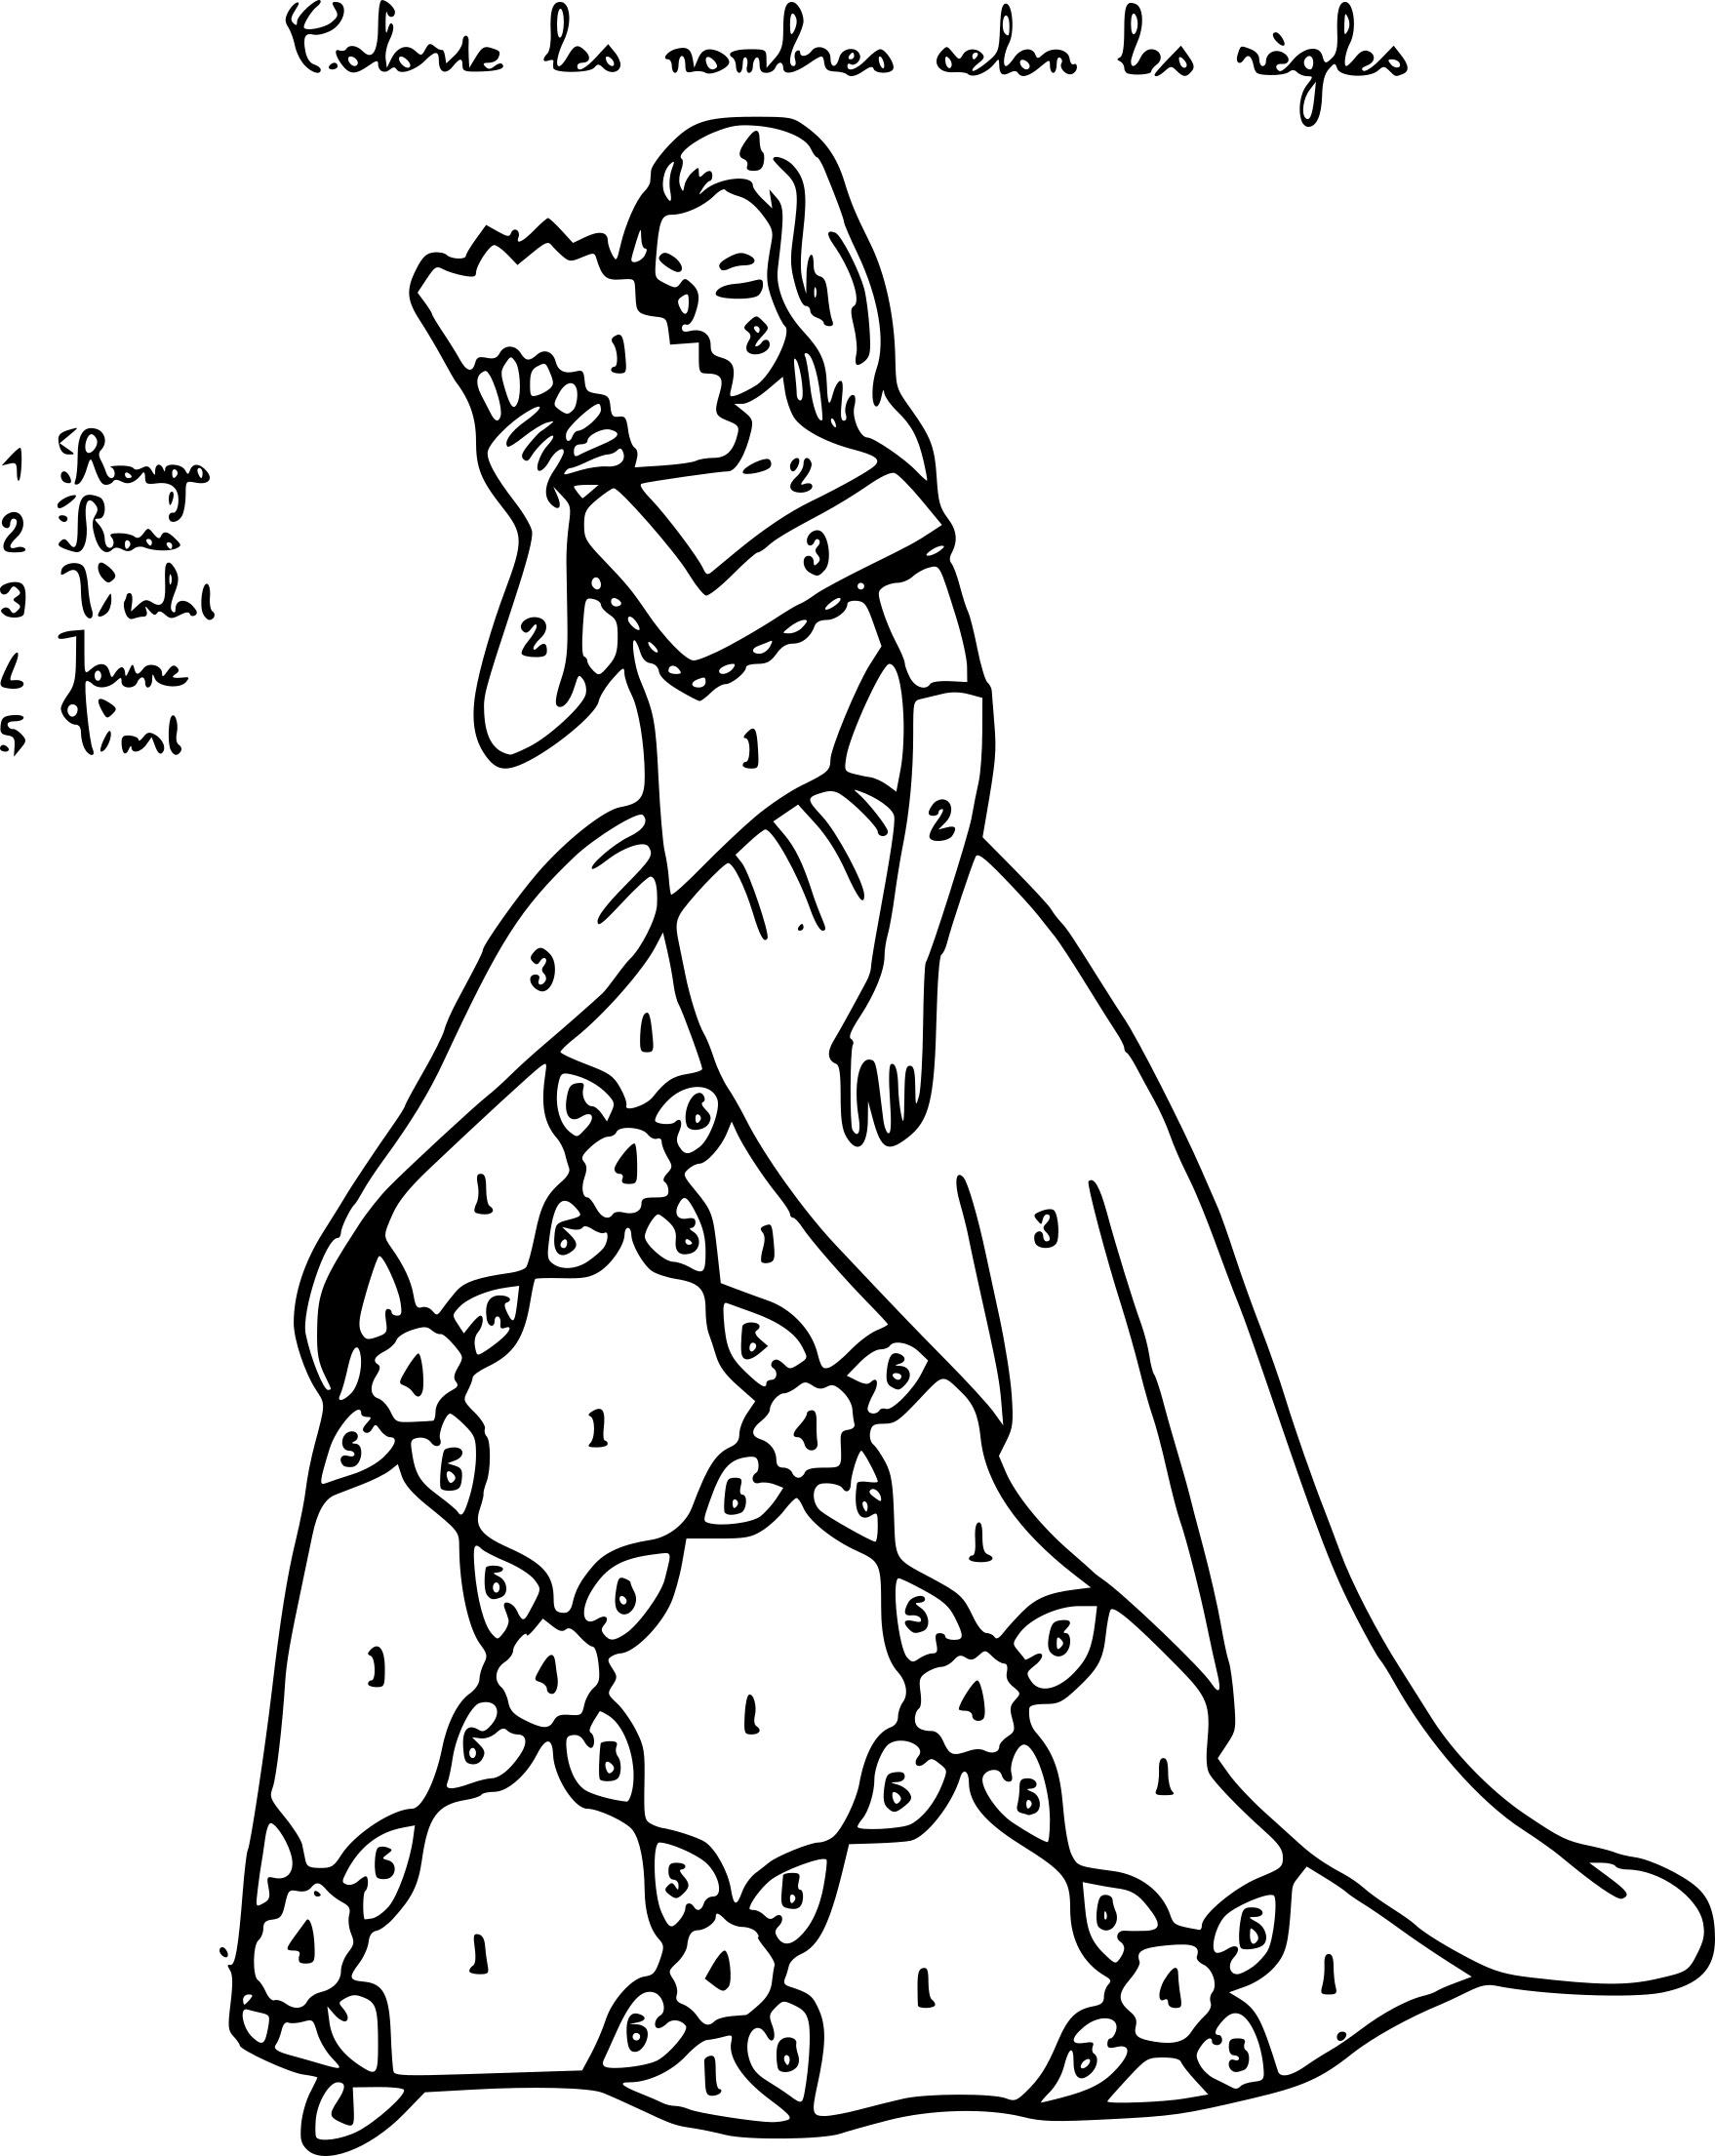 Coloriage Magique De Princesse A Imprimer Laurent Falguiere